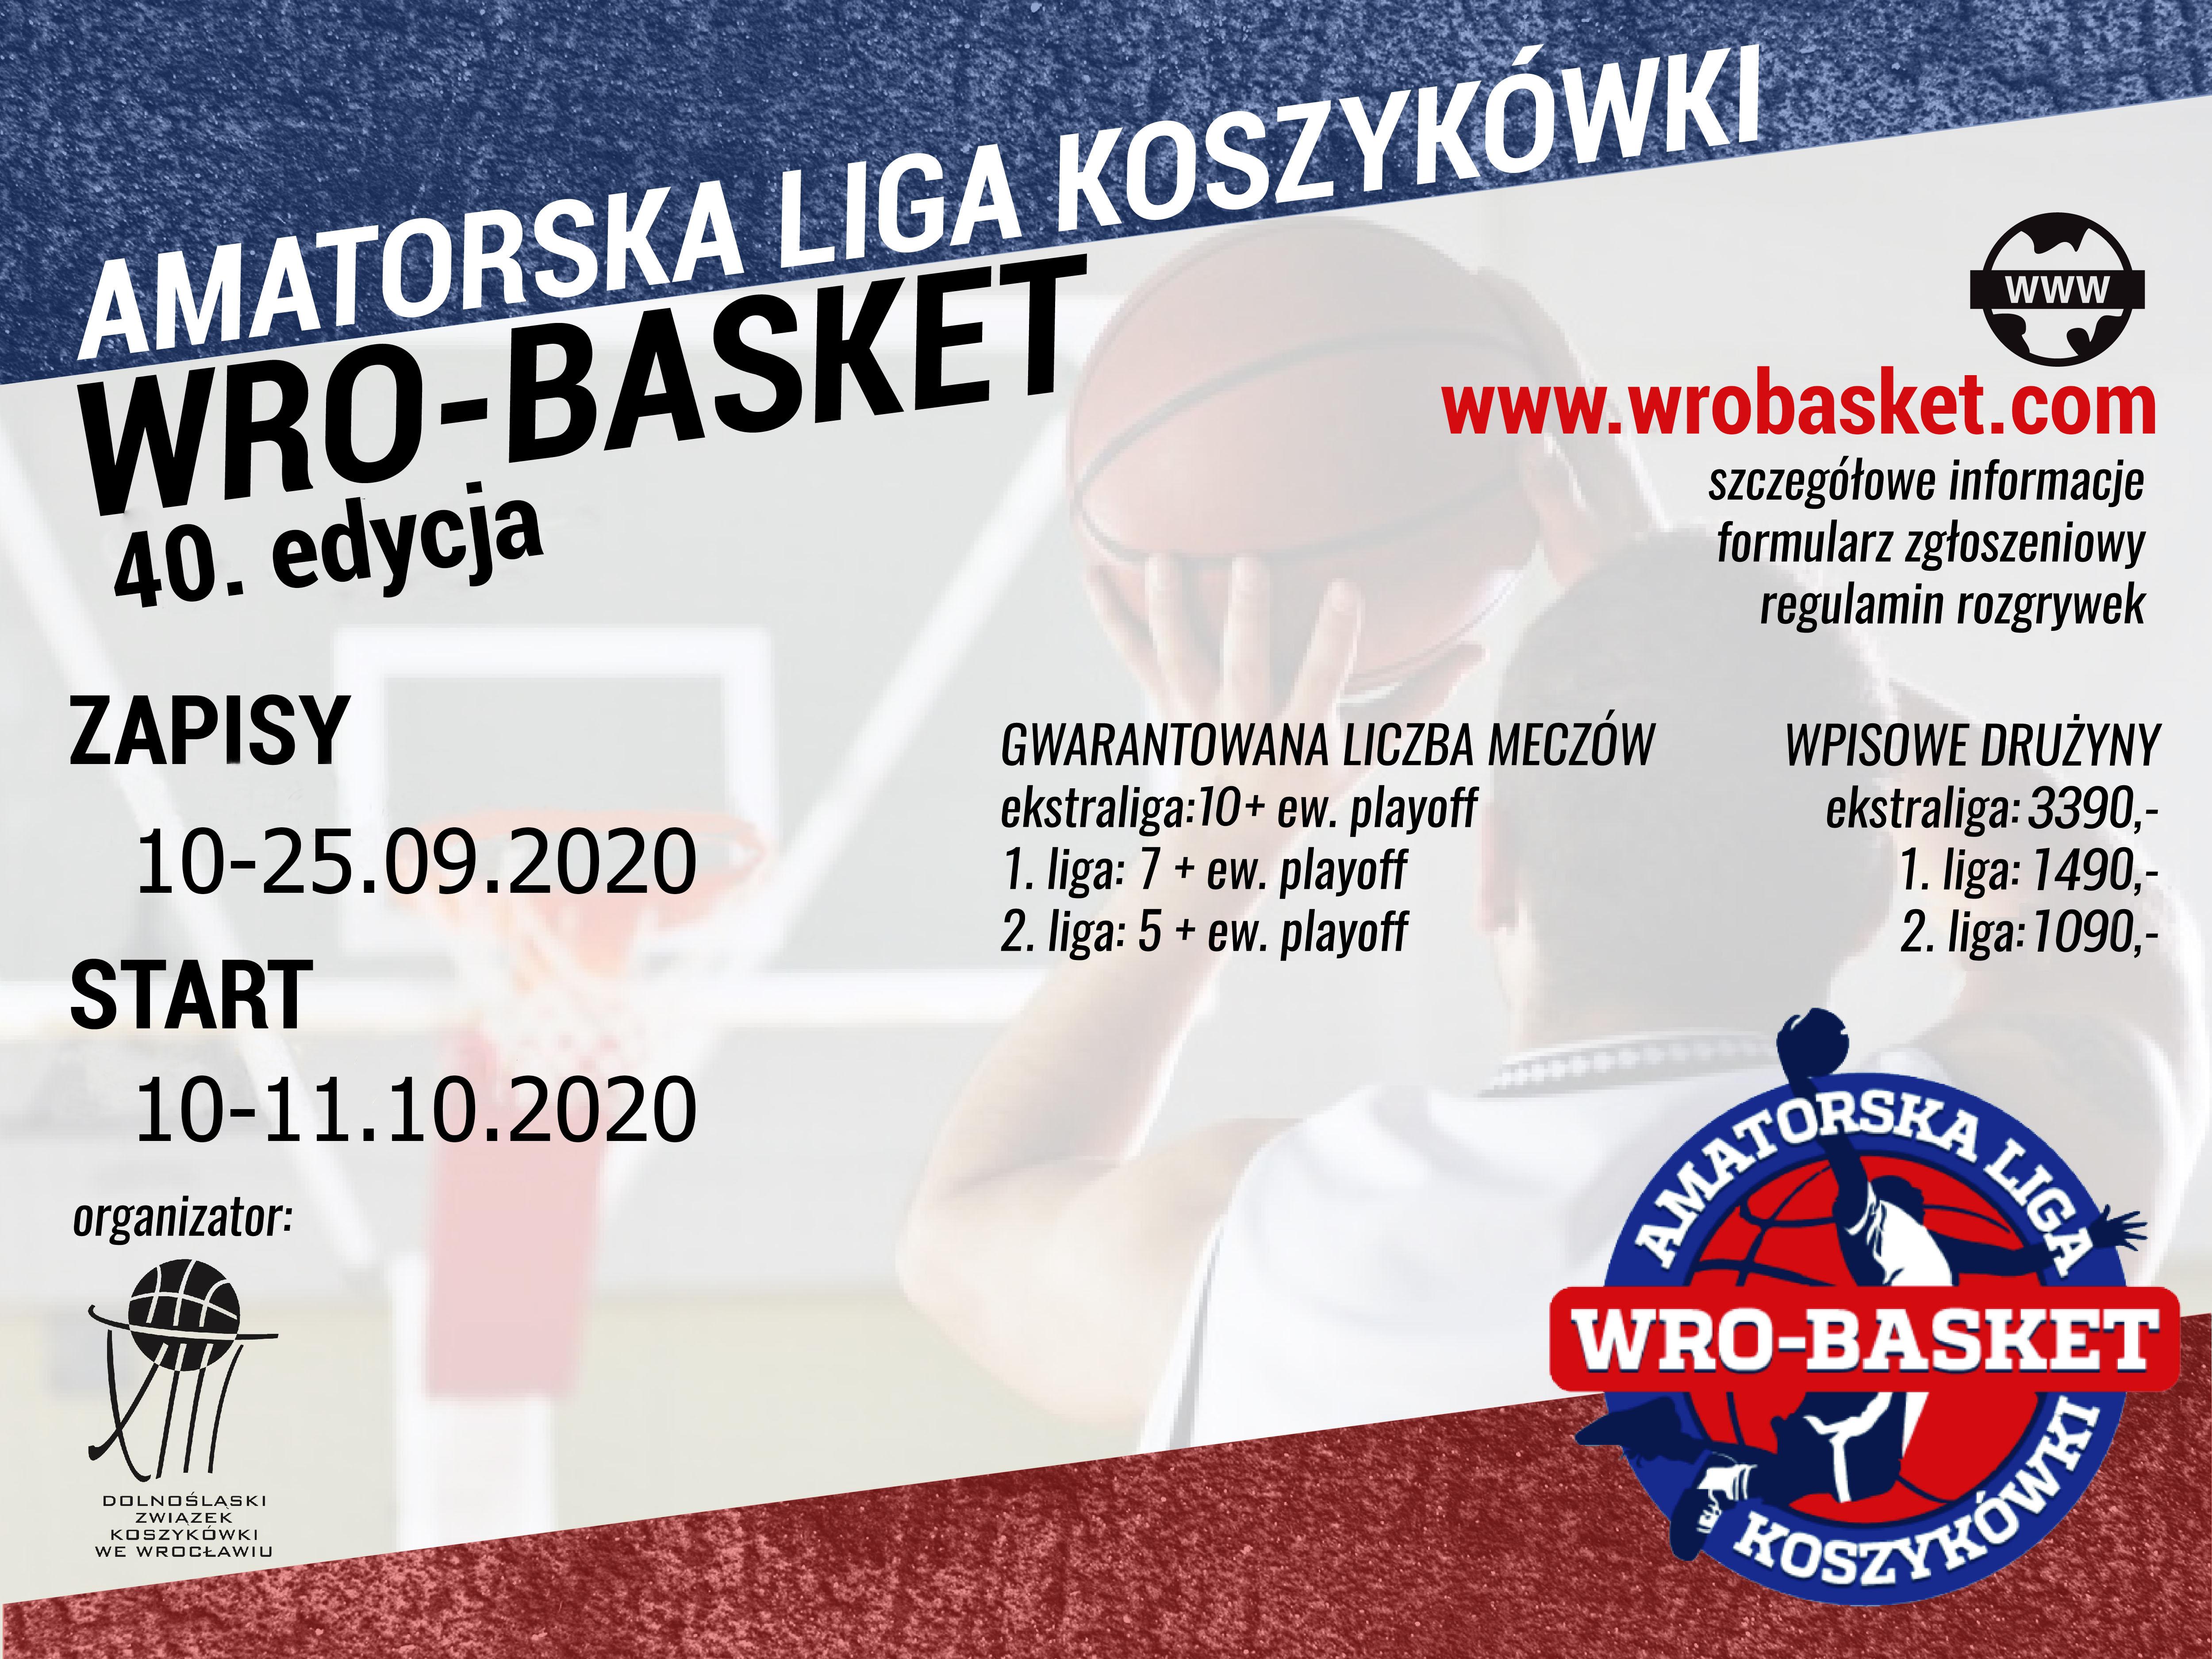 Ruszyły zapisy do 40. edycji ALK WroBasket!